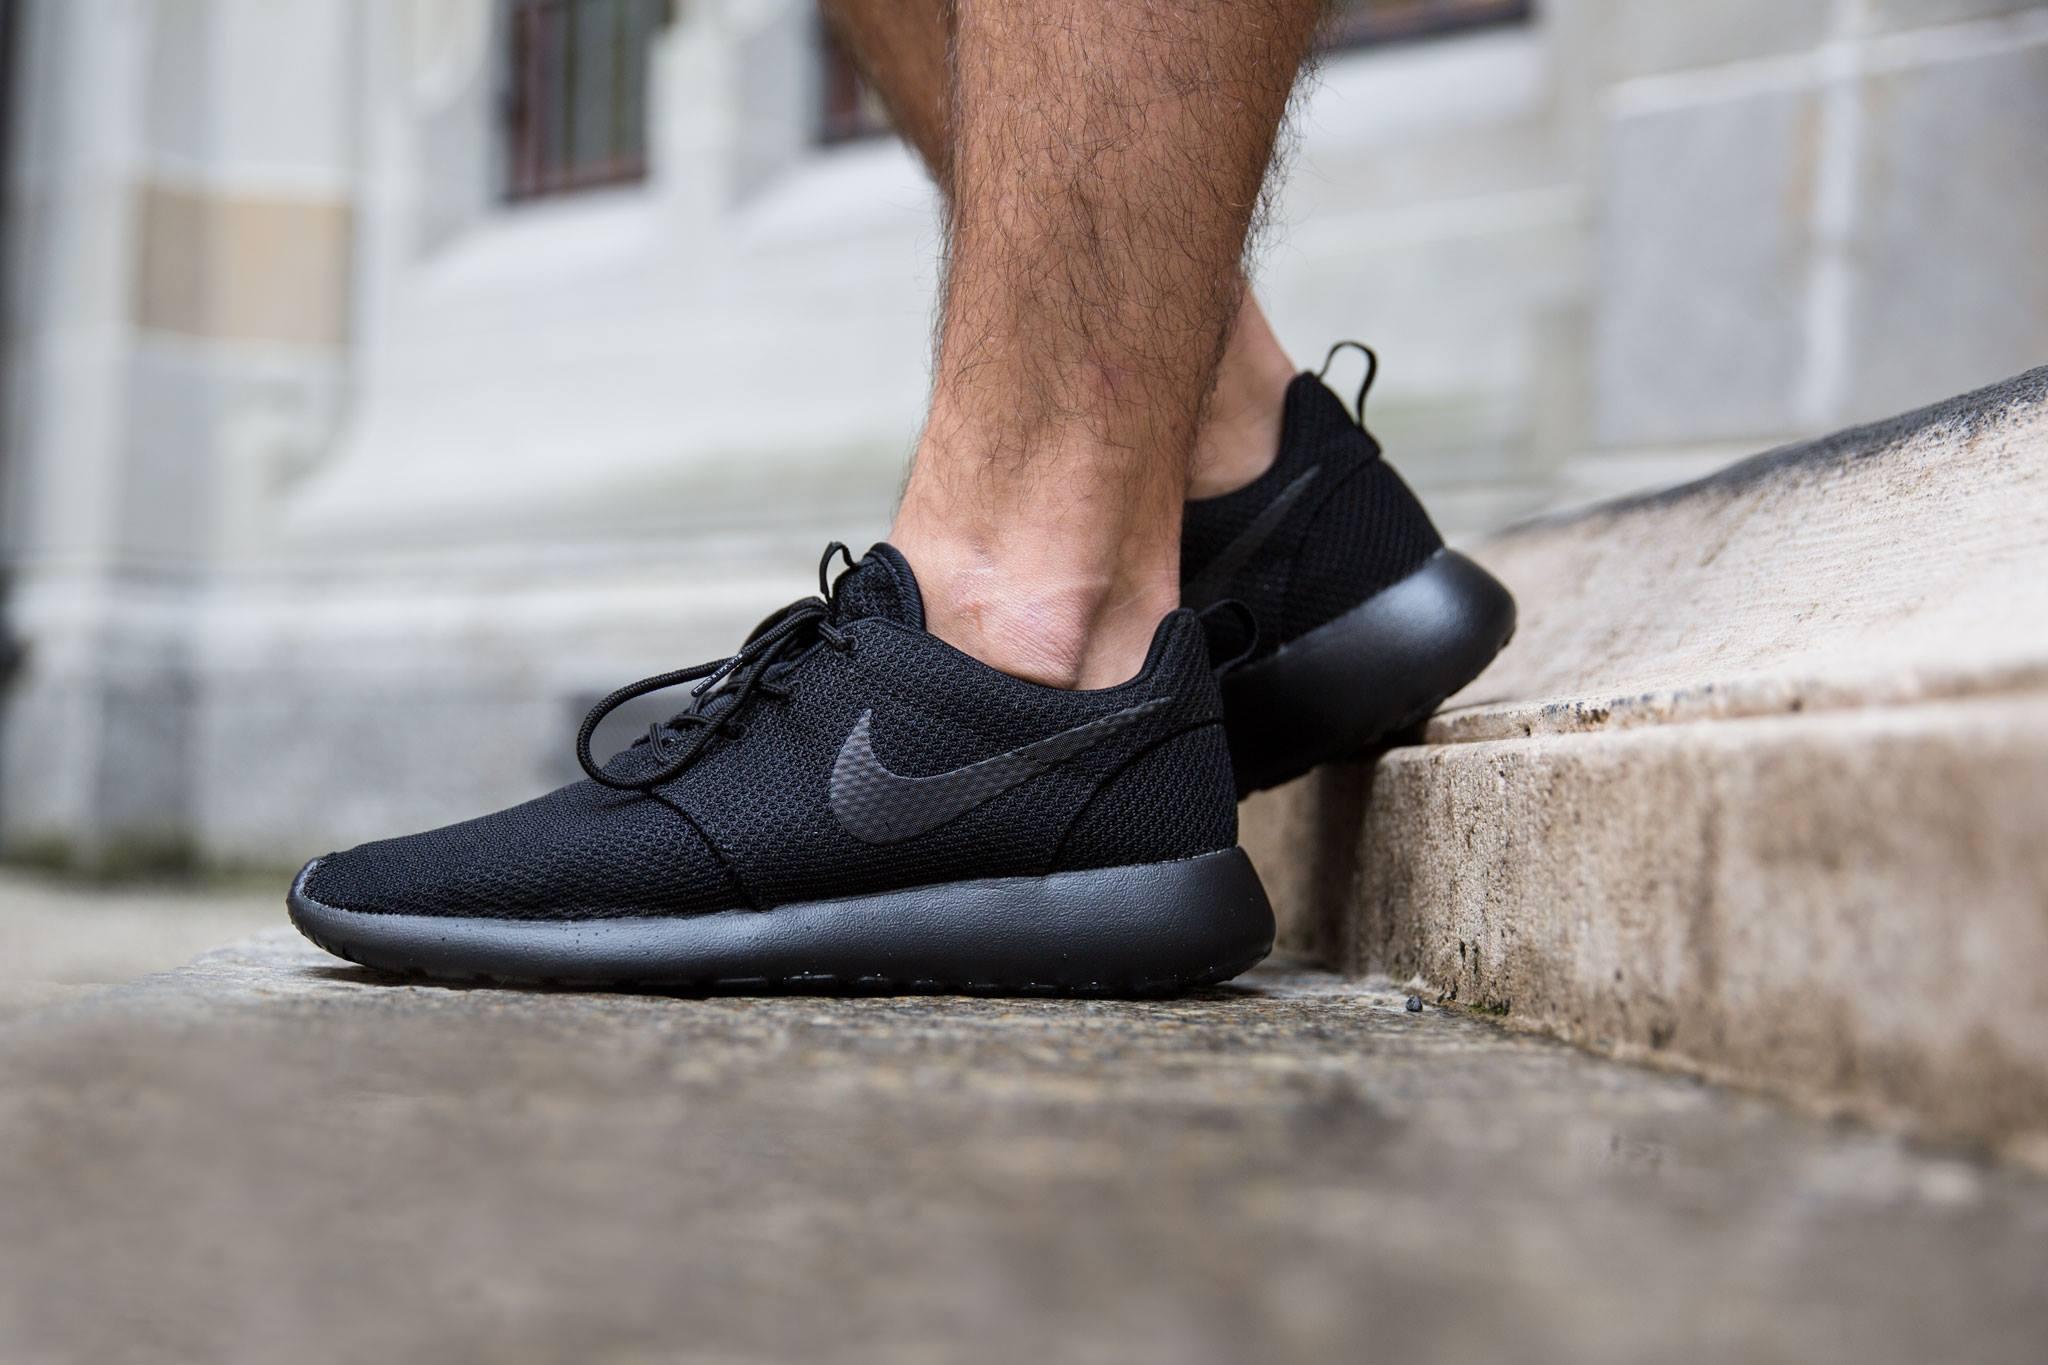 low priced e4e8f 30cf6 The All-Black Nike Roshe One • KicksOnFire.com